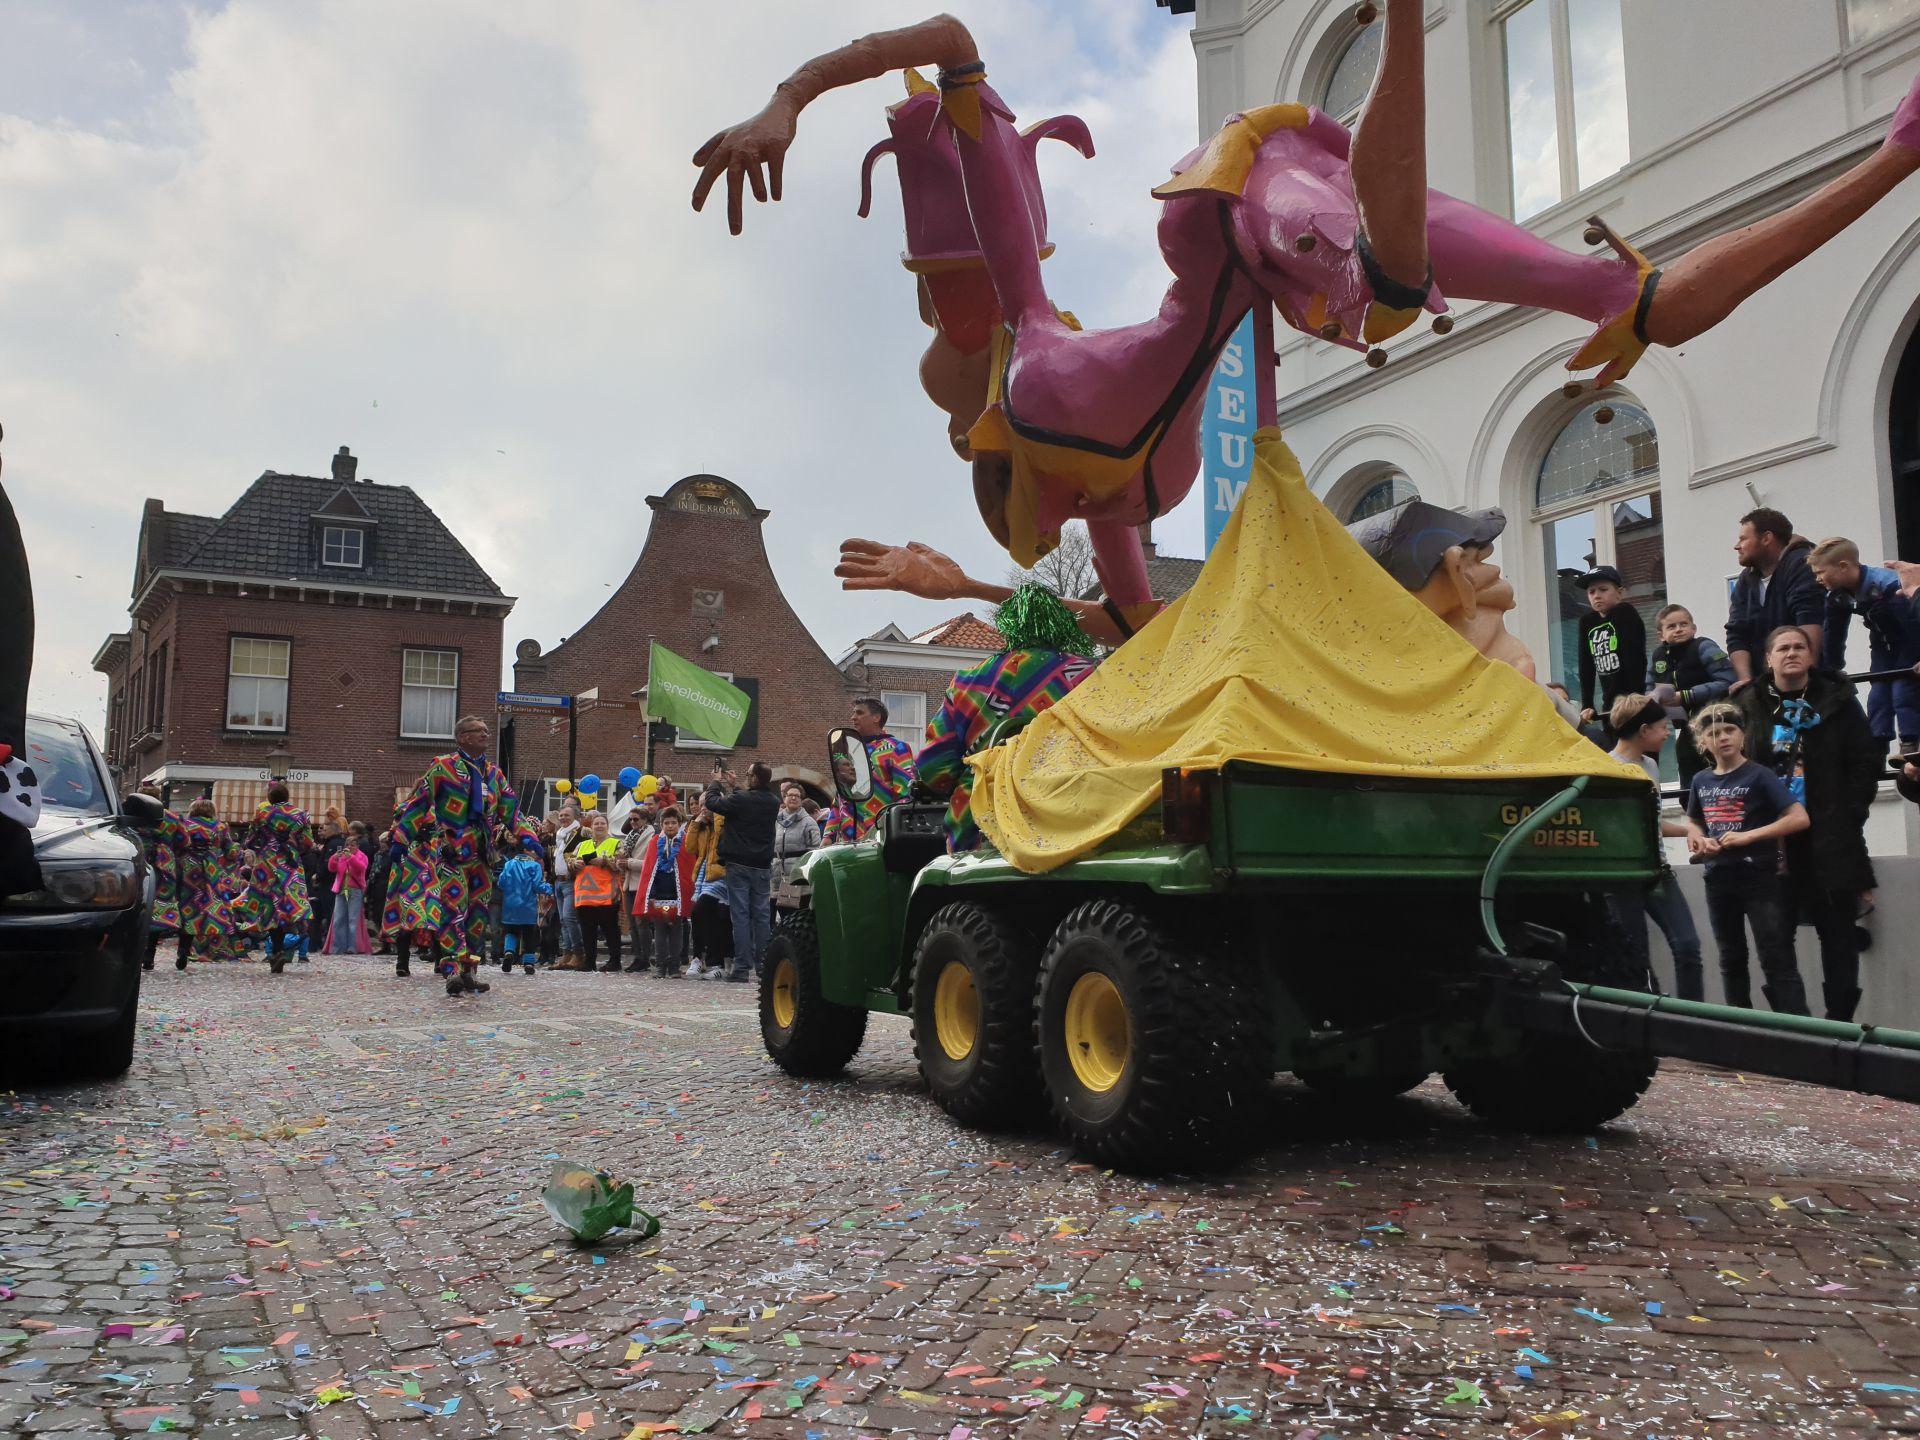 Video: Kleurrijke Carnavalstoet trekt door centrum van Delden